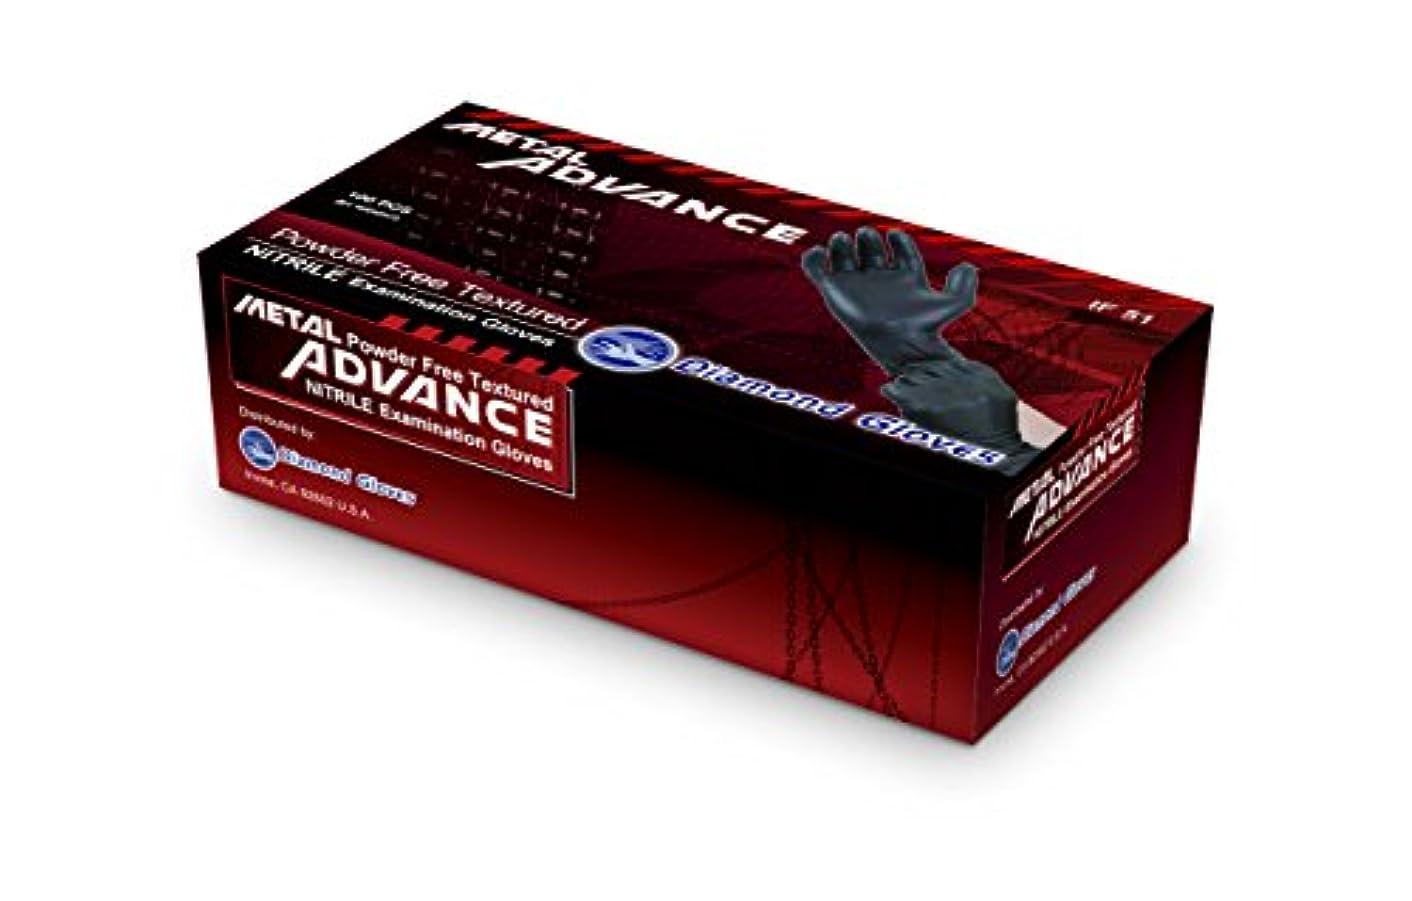 花瓶アーサー陽気なDiamond Gloves Advance Soft Nitrile Industrial Examination Grade Powder Free Gloves 5 mil Black, (Latex Free)...